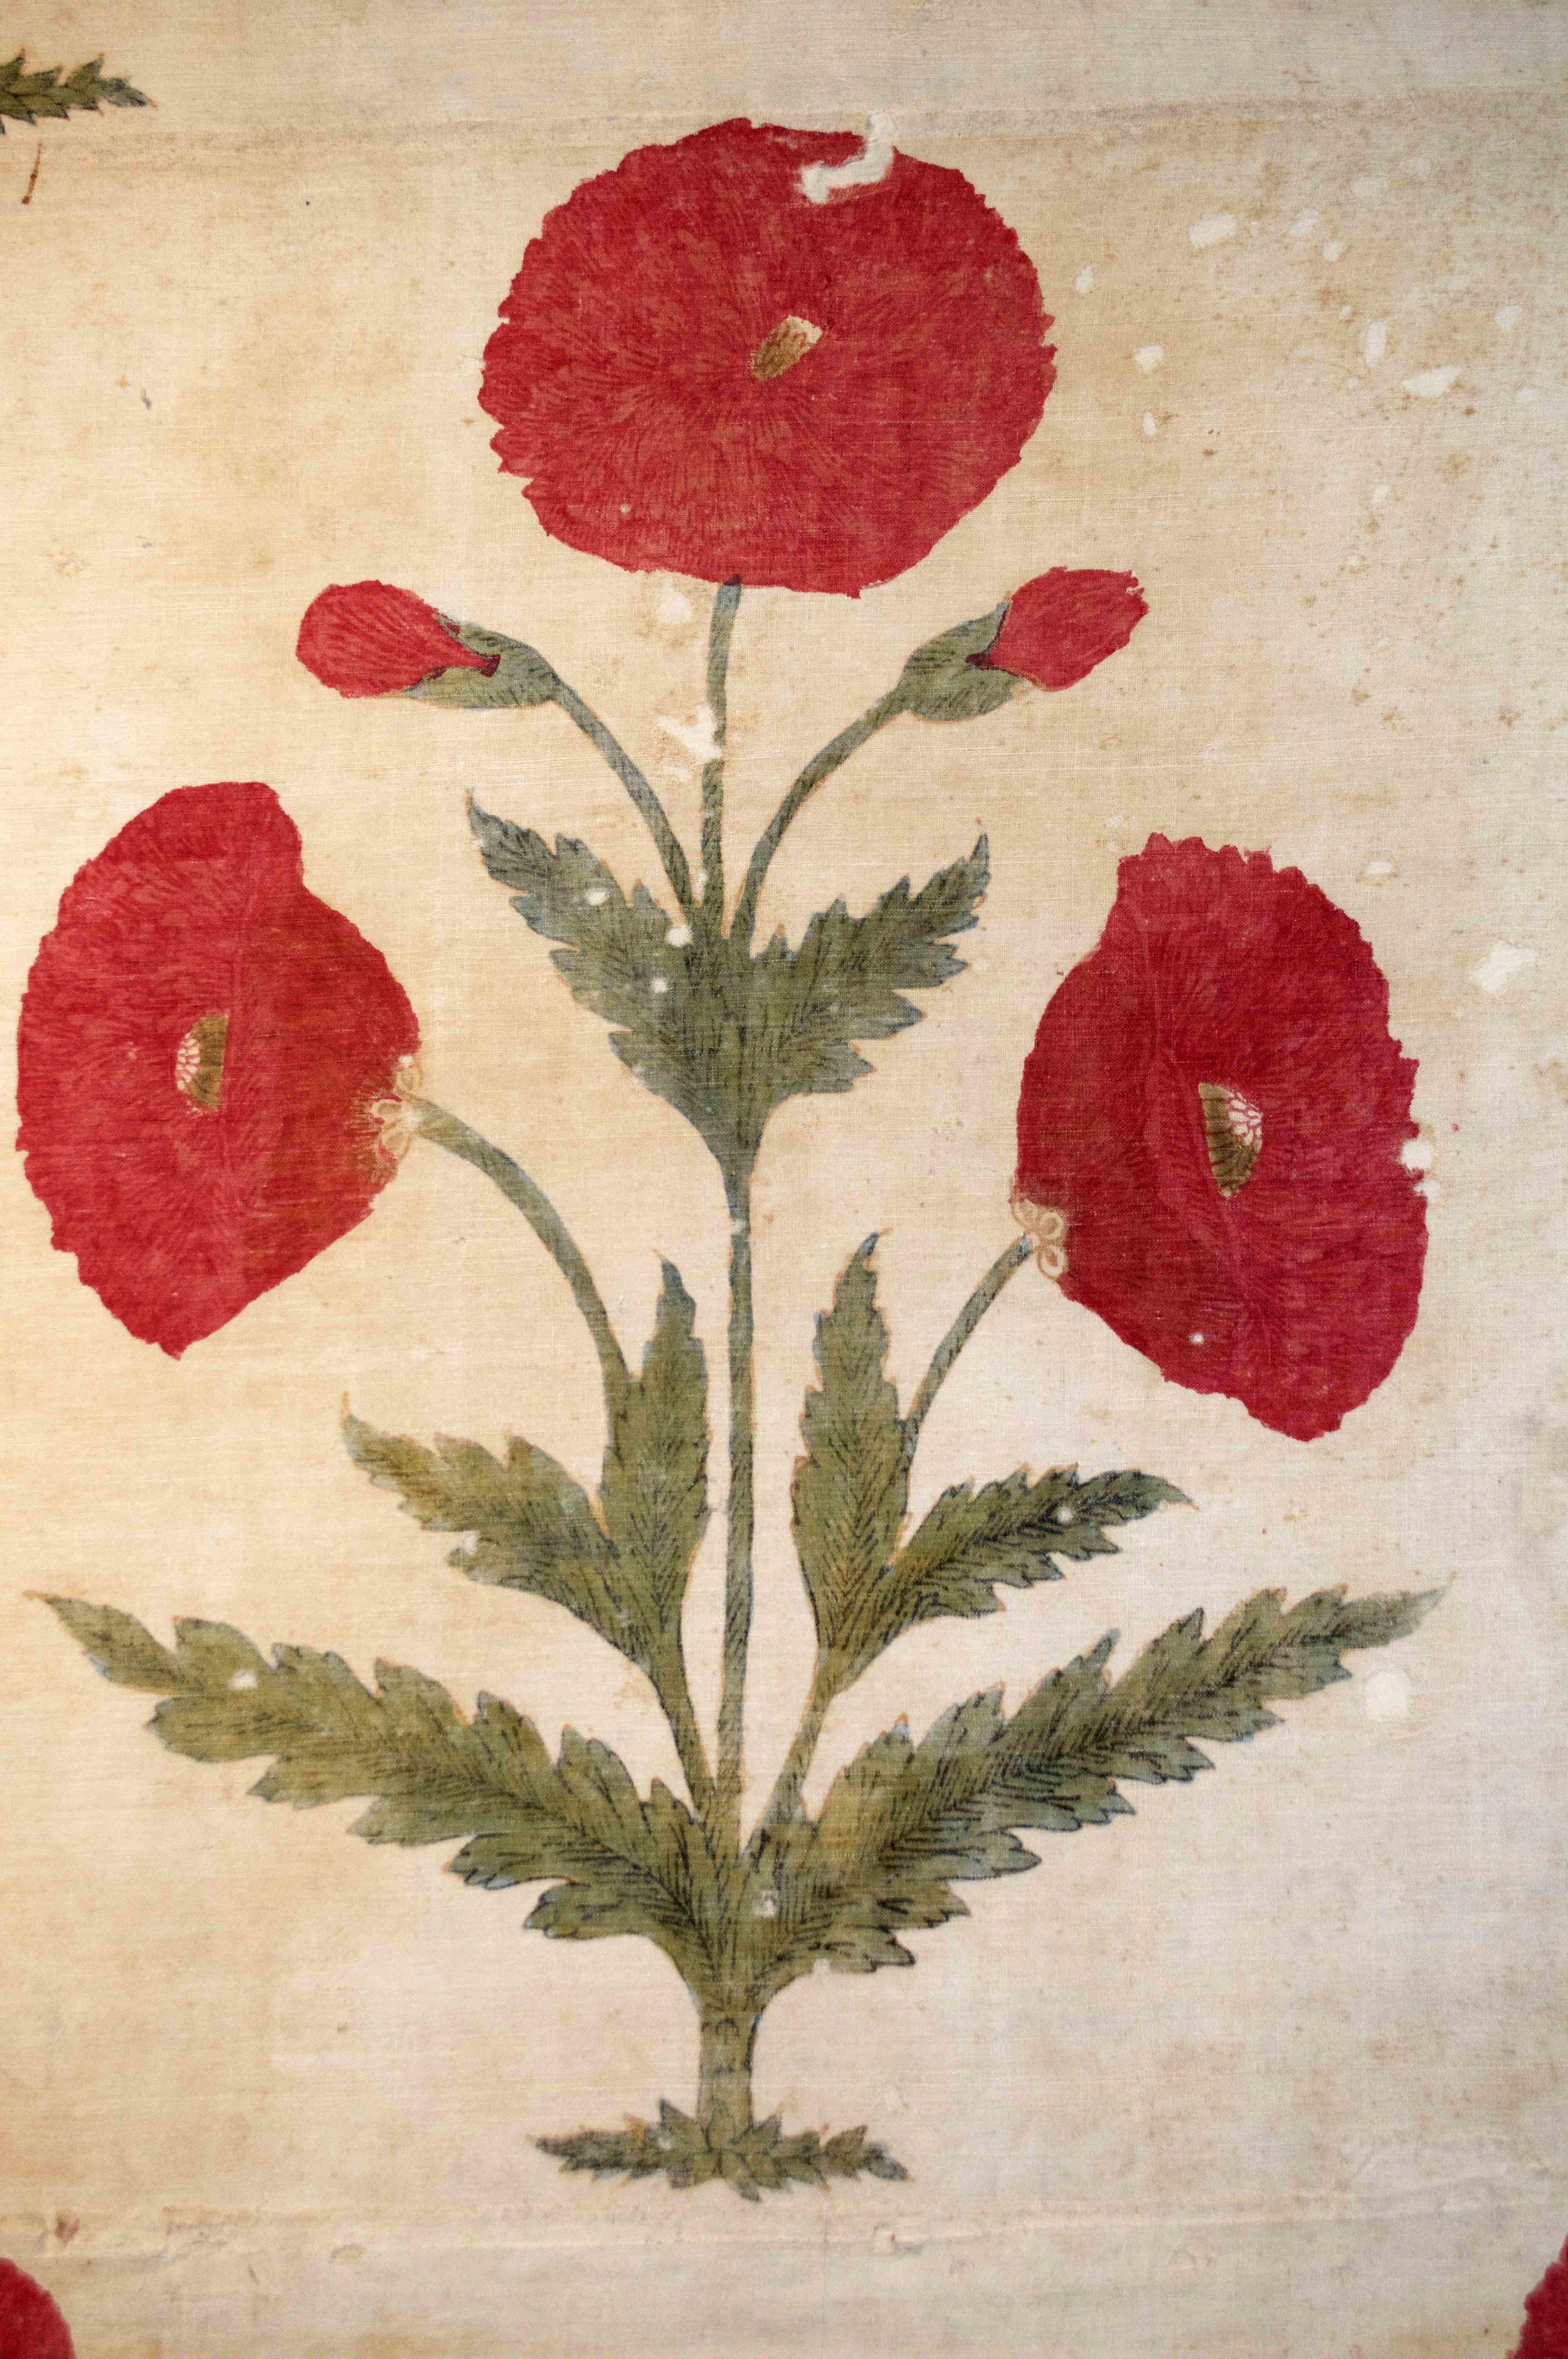 Summer carpet, North Indian or Deccan, c. 17th century. Repository:Museum für Asiatische Kunst,Staatliche Museen zu Berlin,Accession Number: 1363